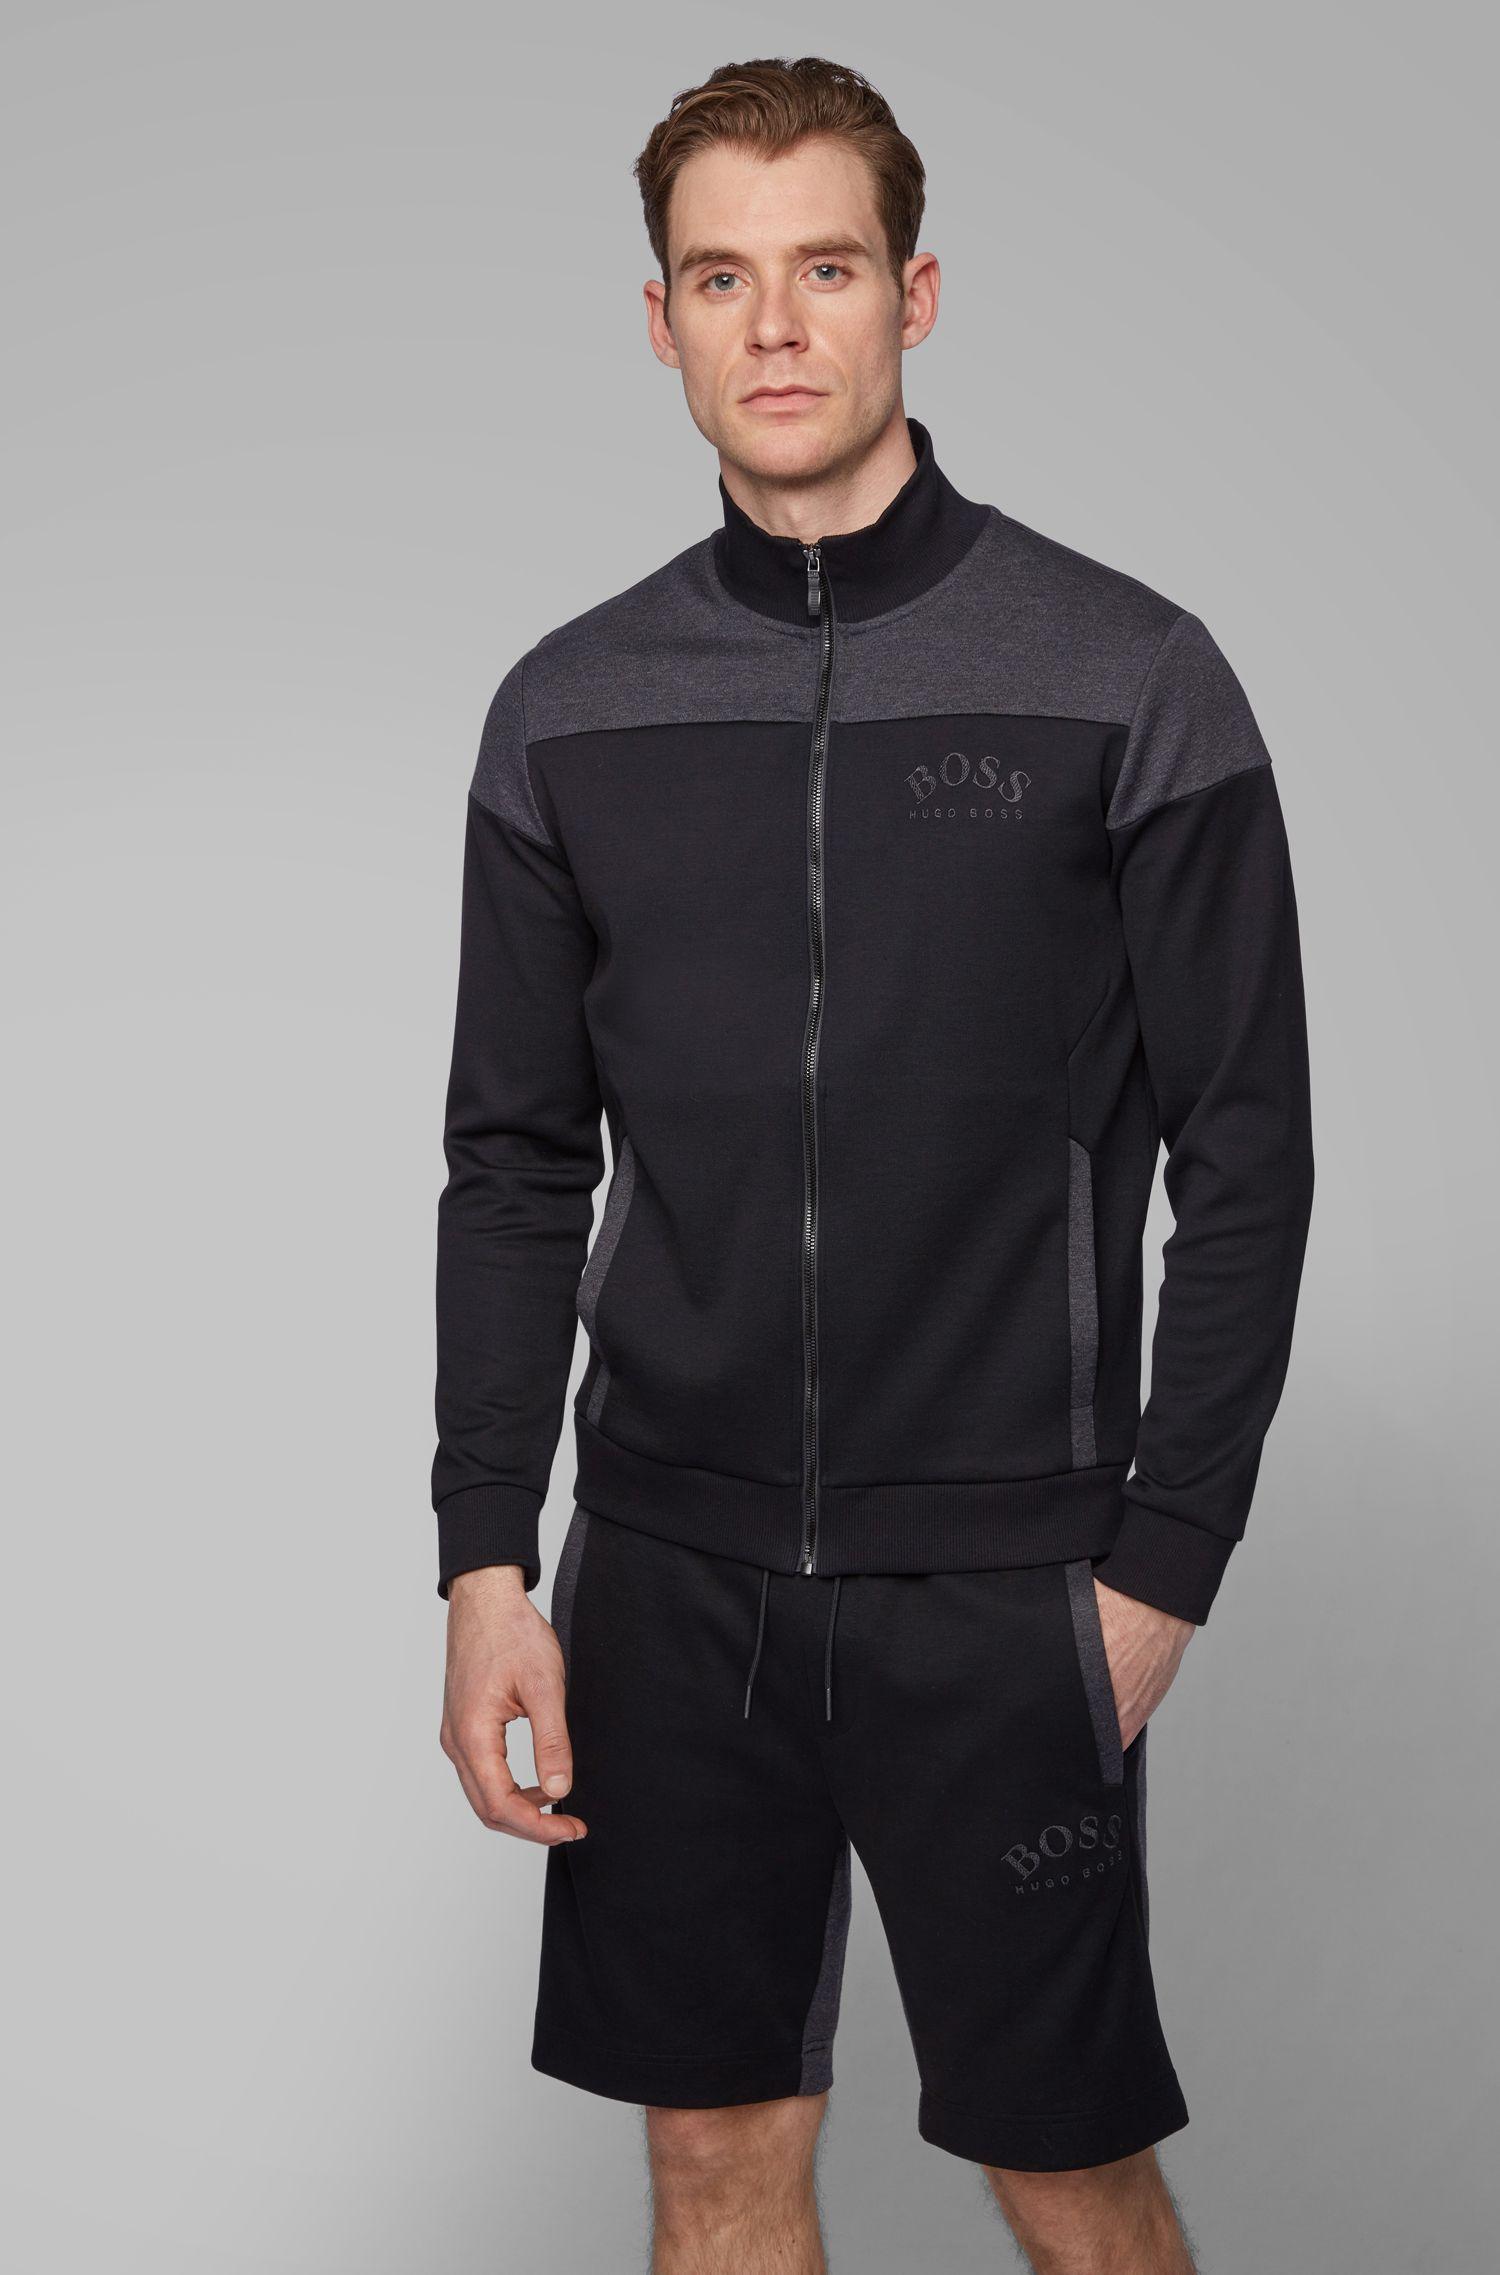 Sweat zippé en tissus contrastants avec logo incurvé, Noir